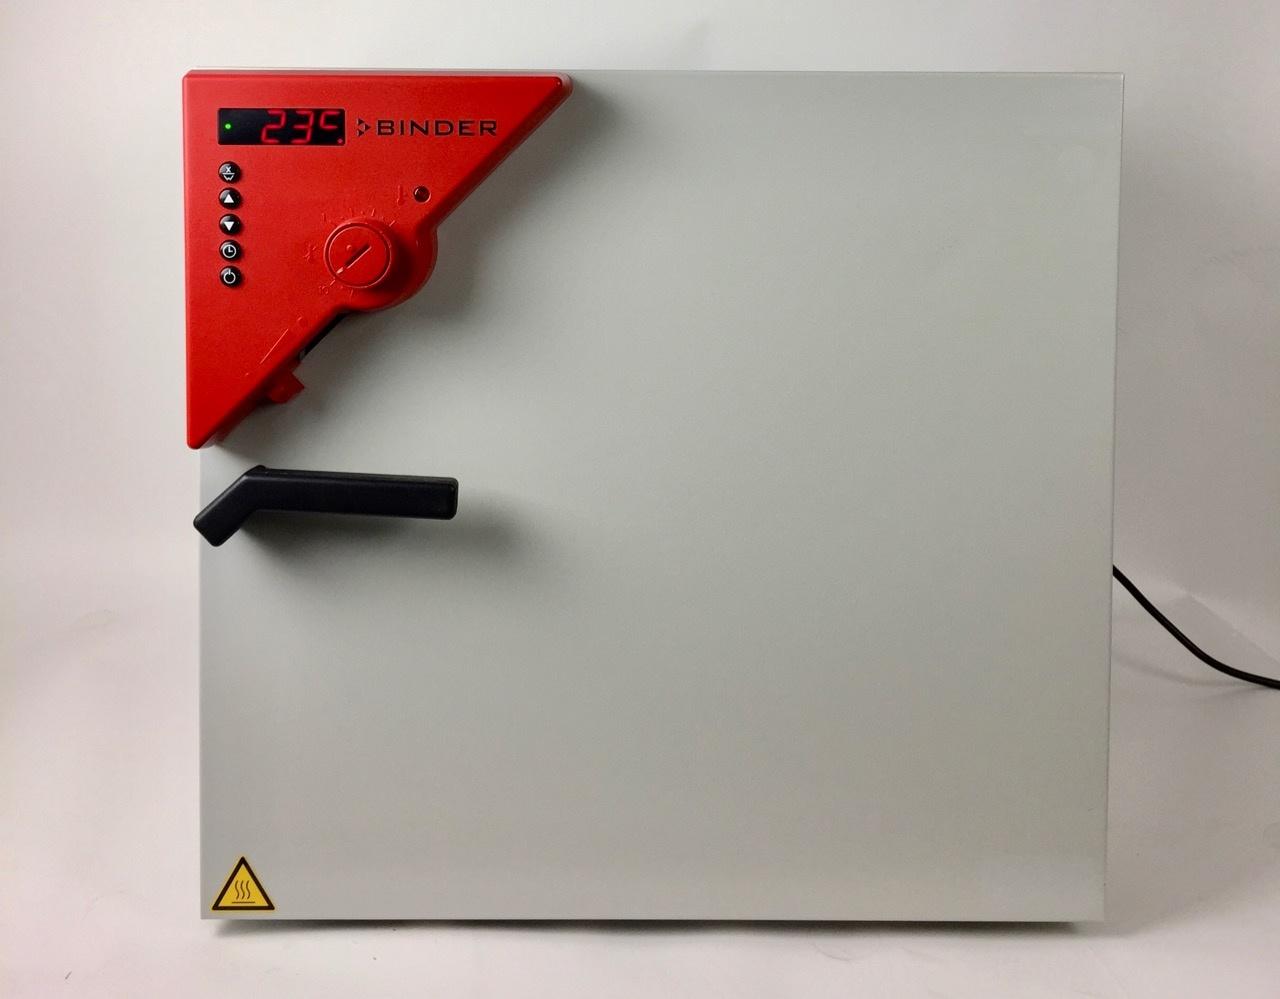 Binder Binder FD 53 Umluft-Trockenschrank